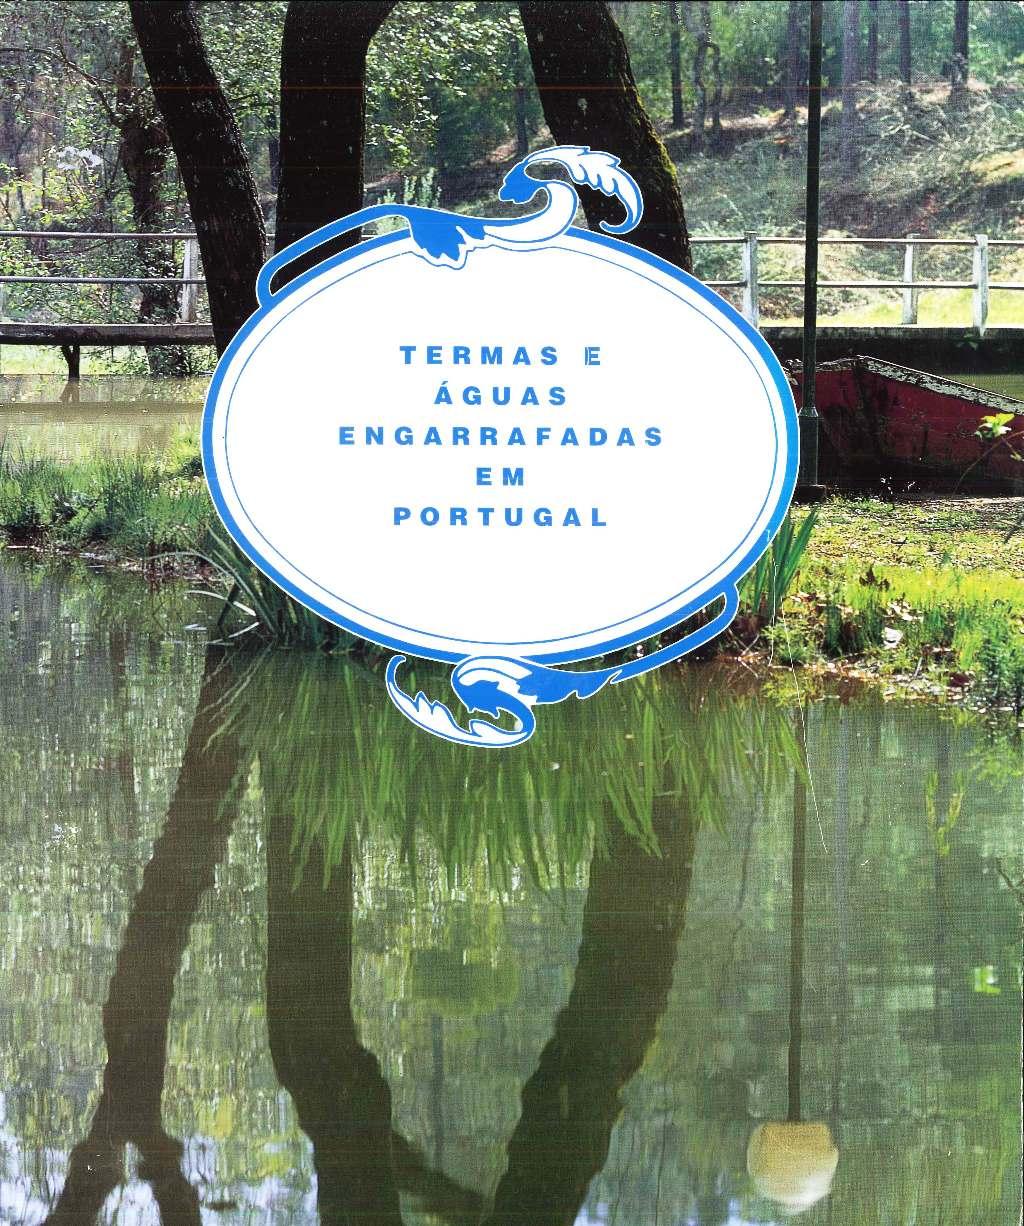 Catálogo das Termas e Águas Engarrafadas